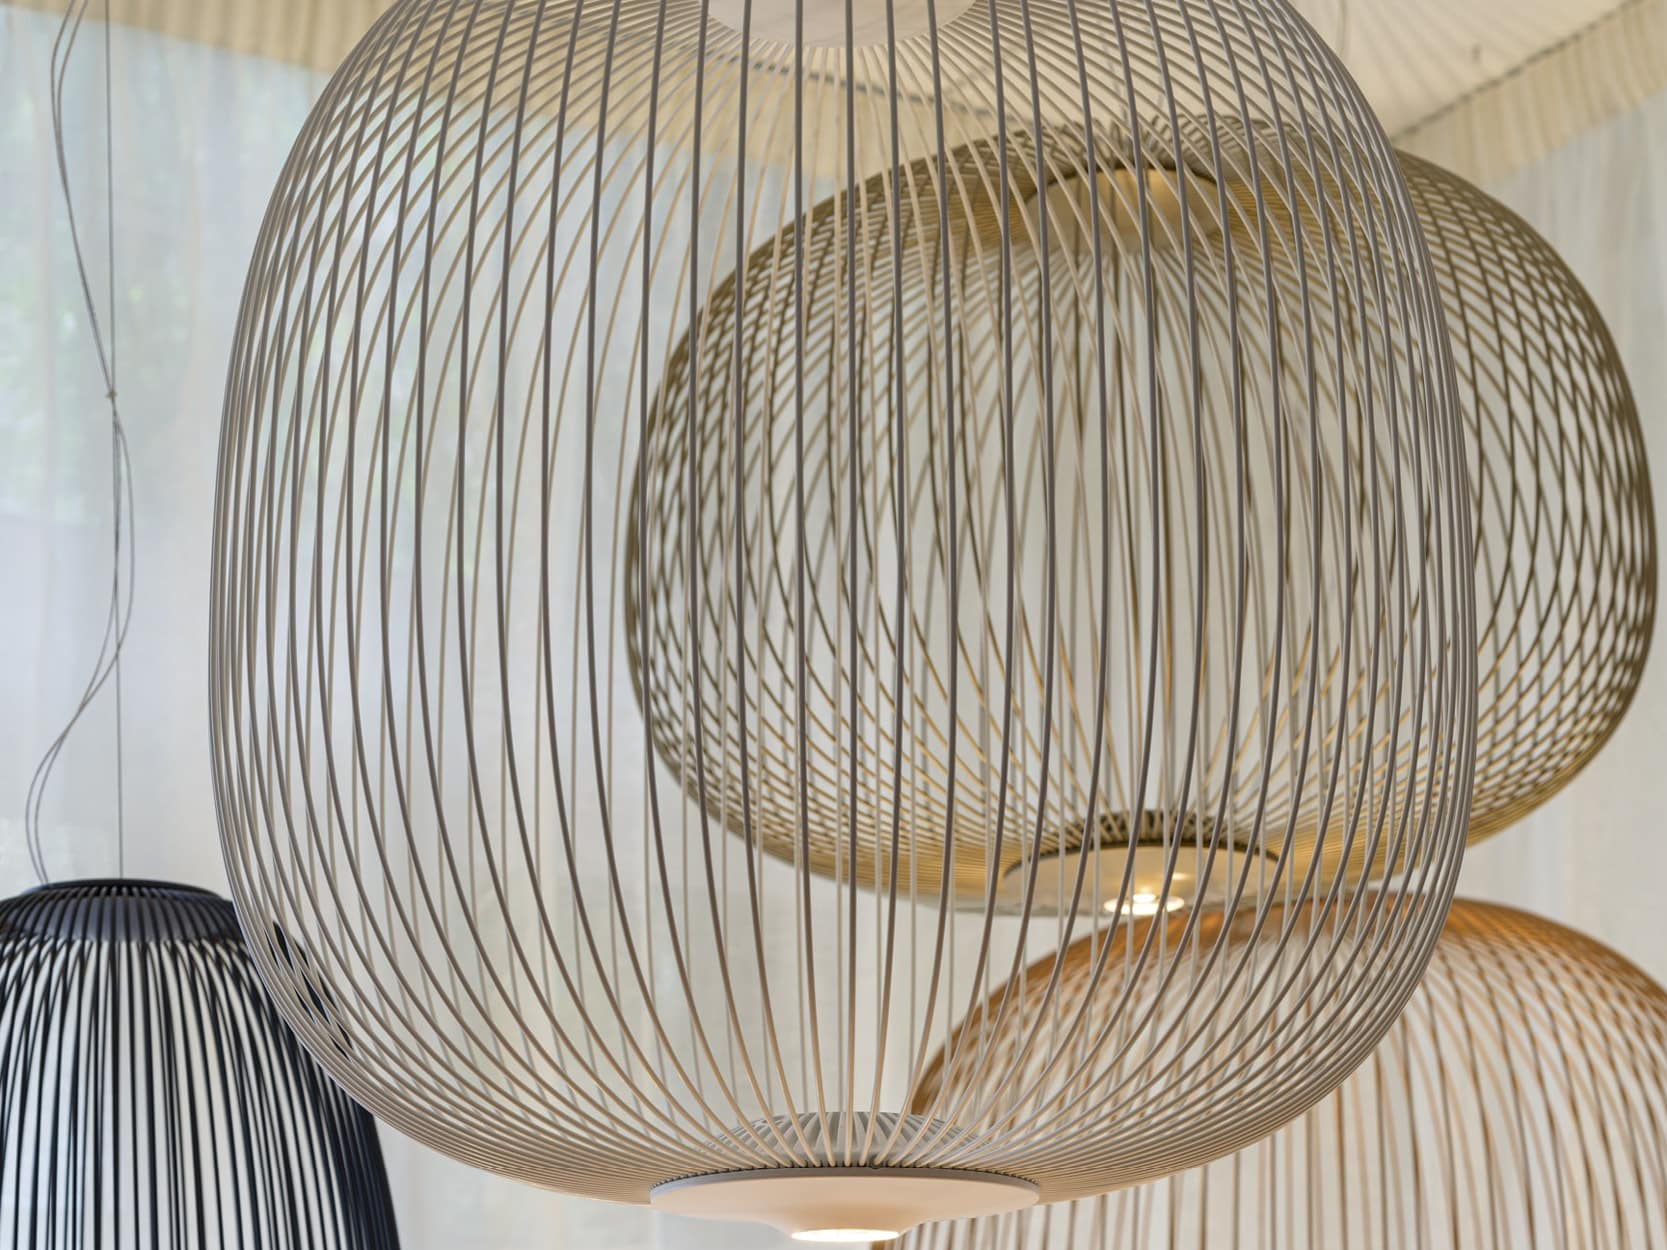 Foscarini hanglamp Spokes3 detail